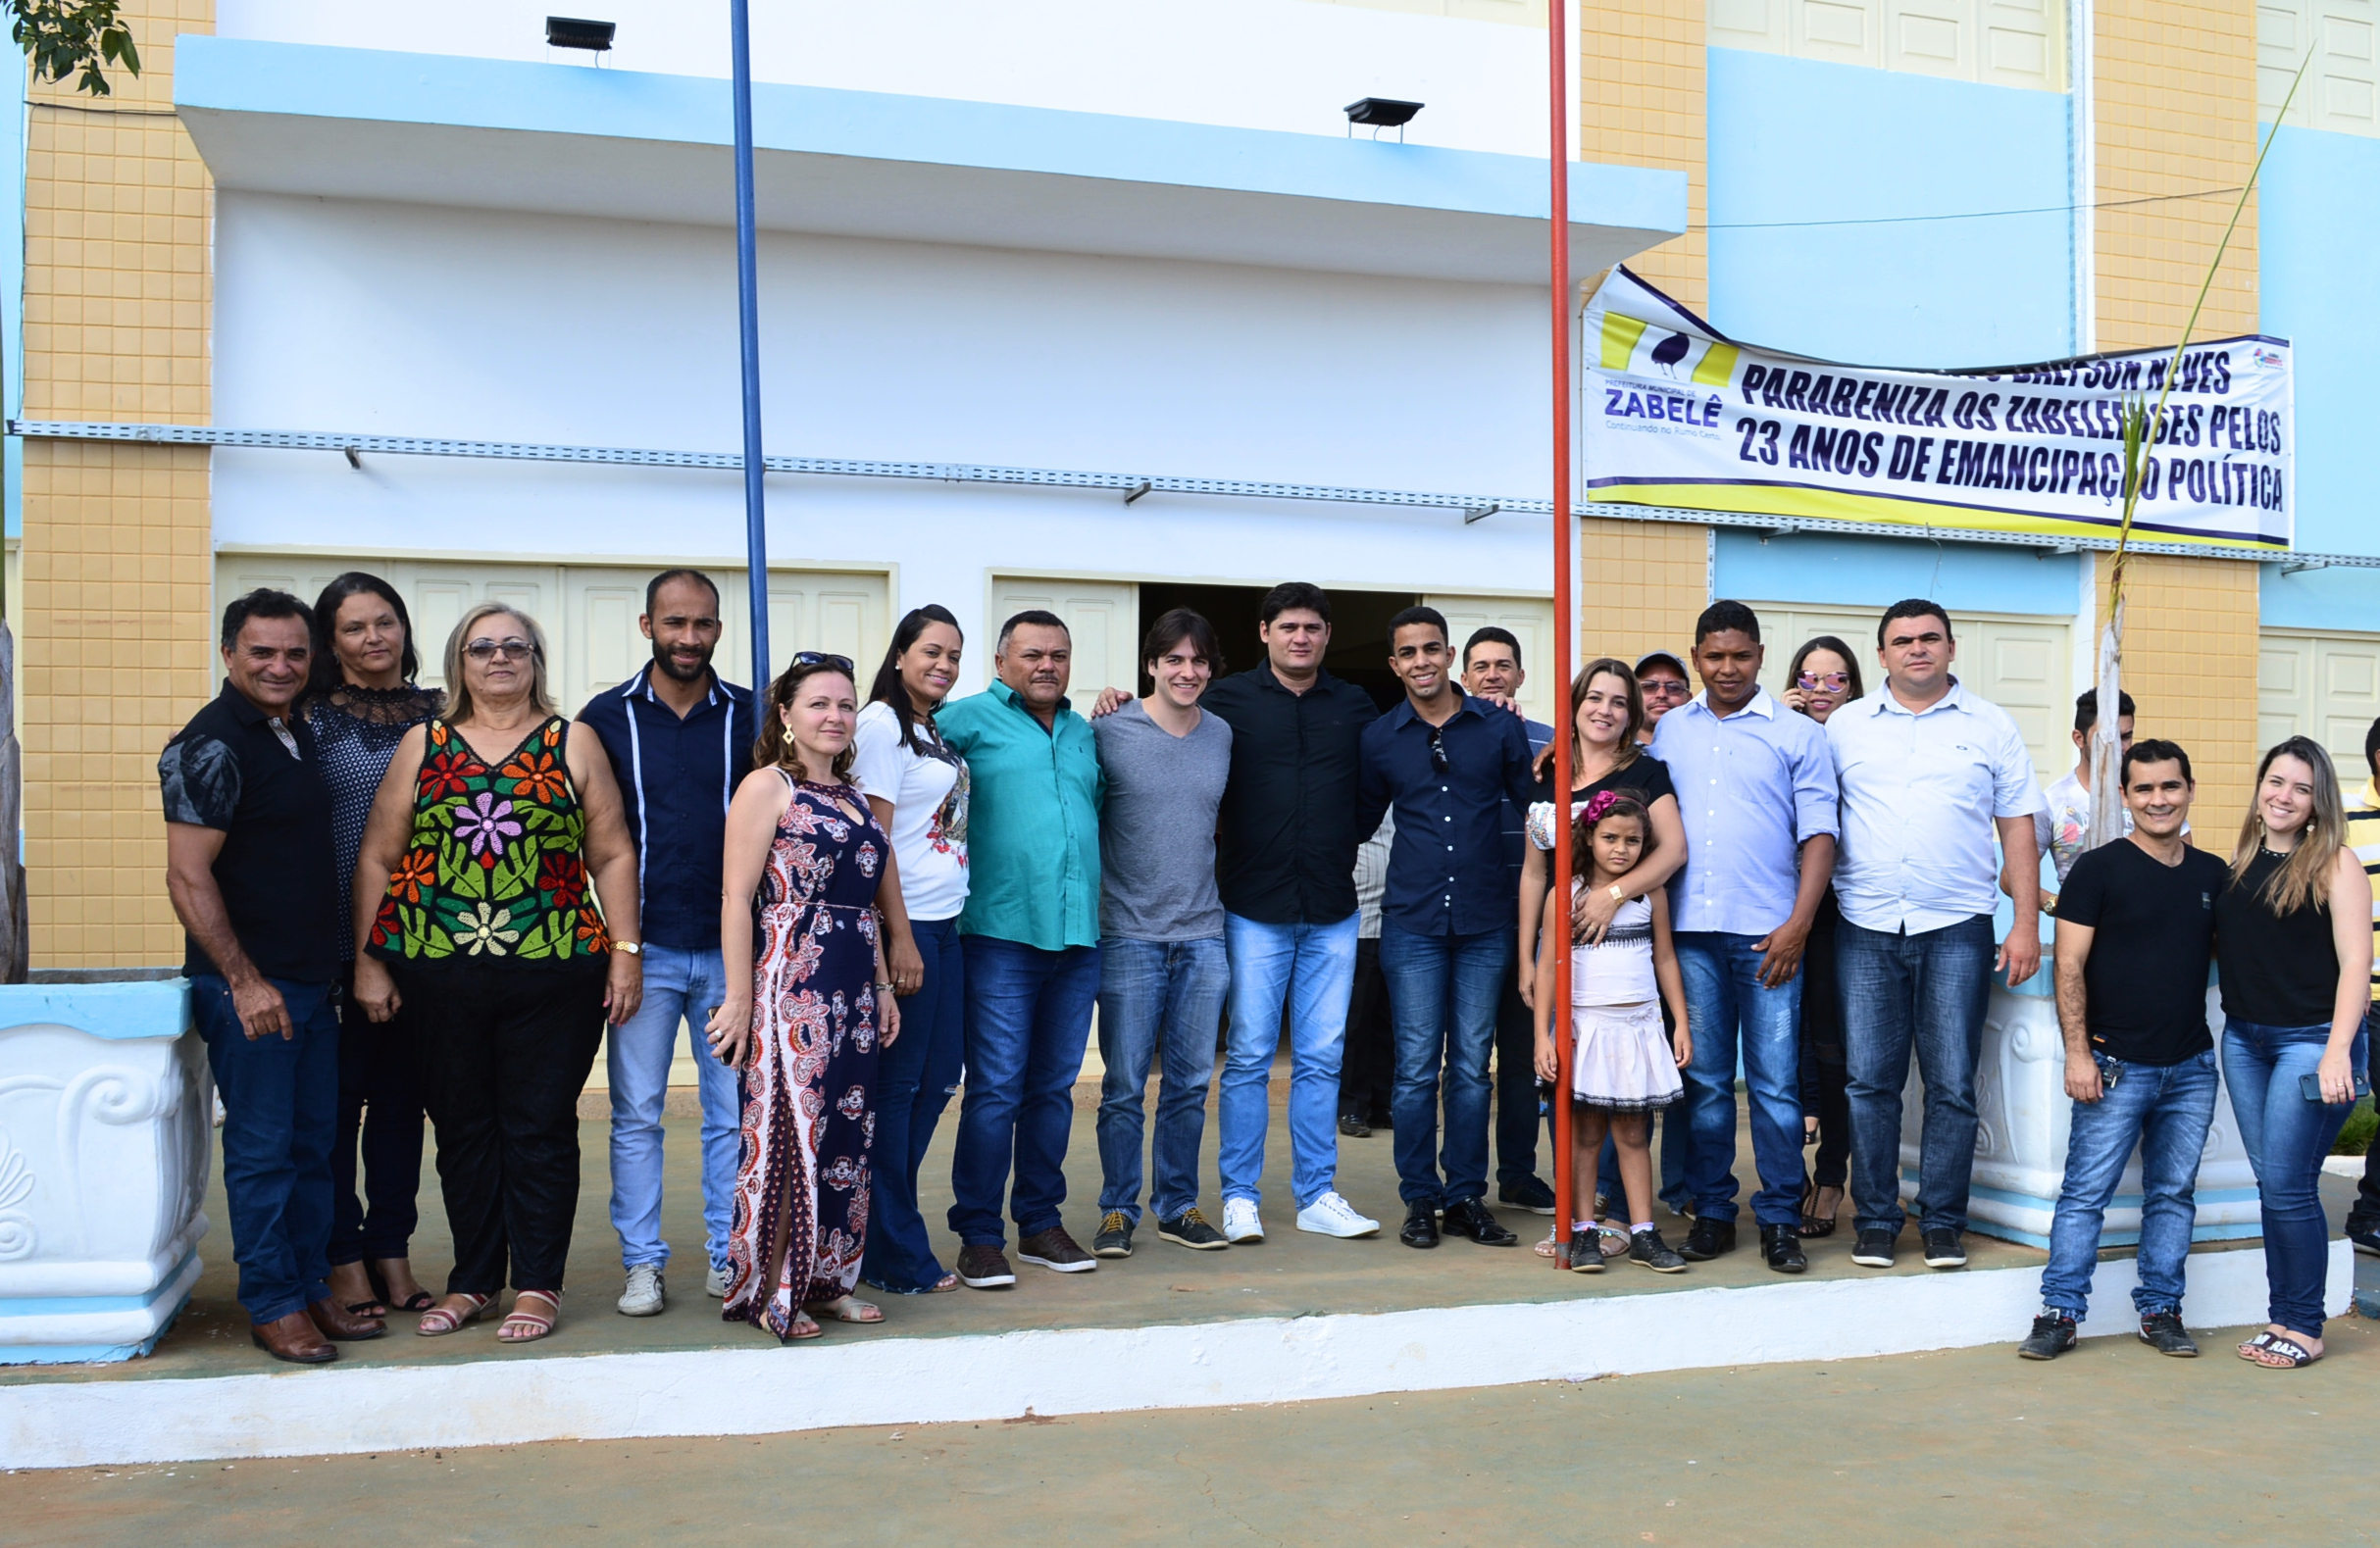 DSC_0114_Fotor-1024x666 Deputado Pedro Cunha é recebido com festa pelo prefeito Dalyson Neves e carinho do povo